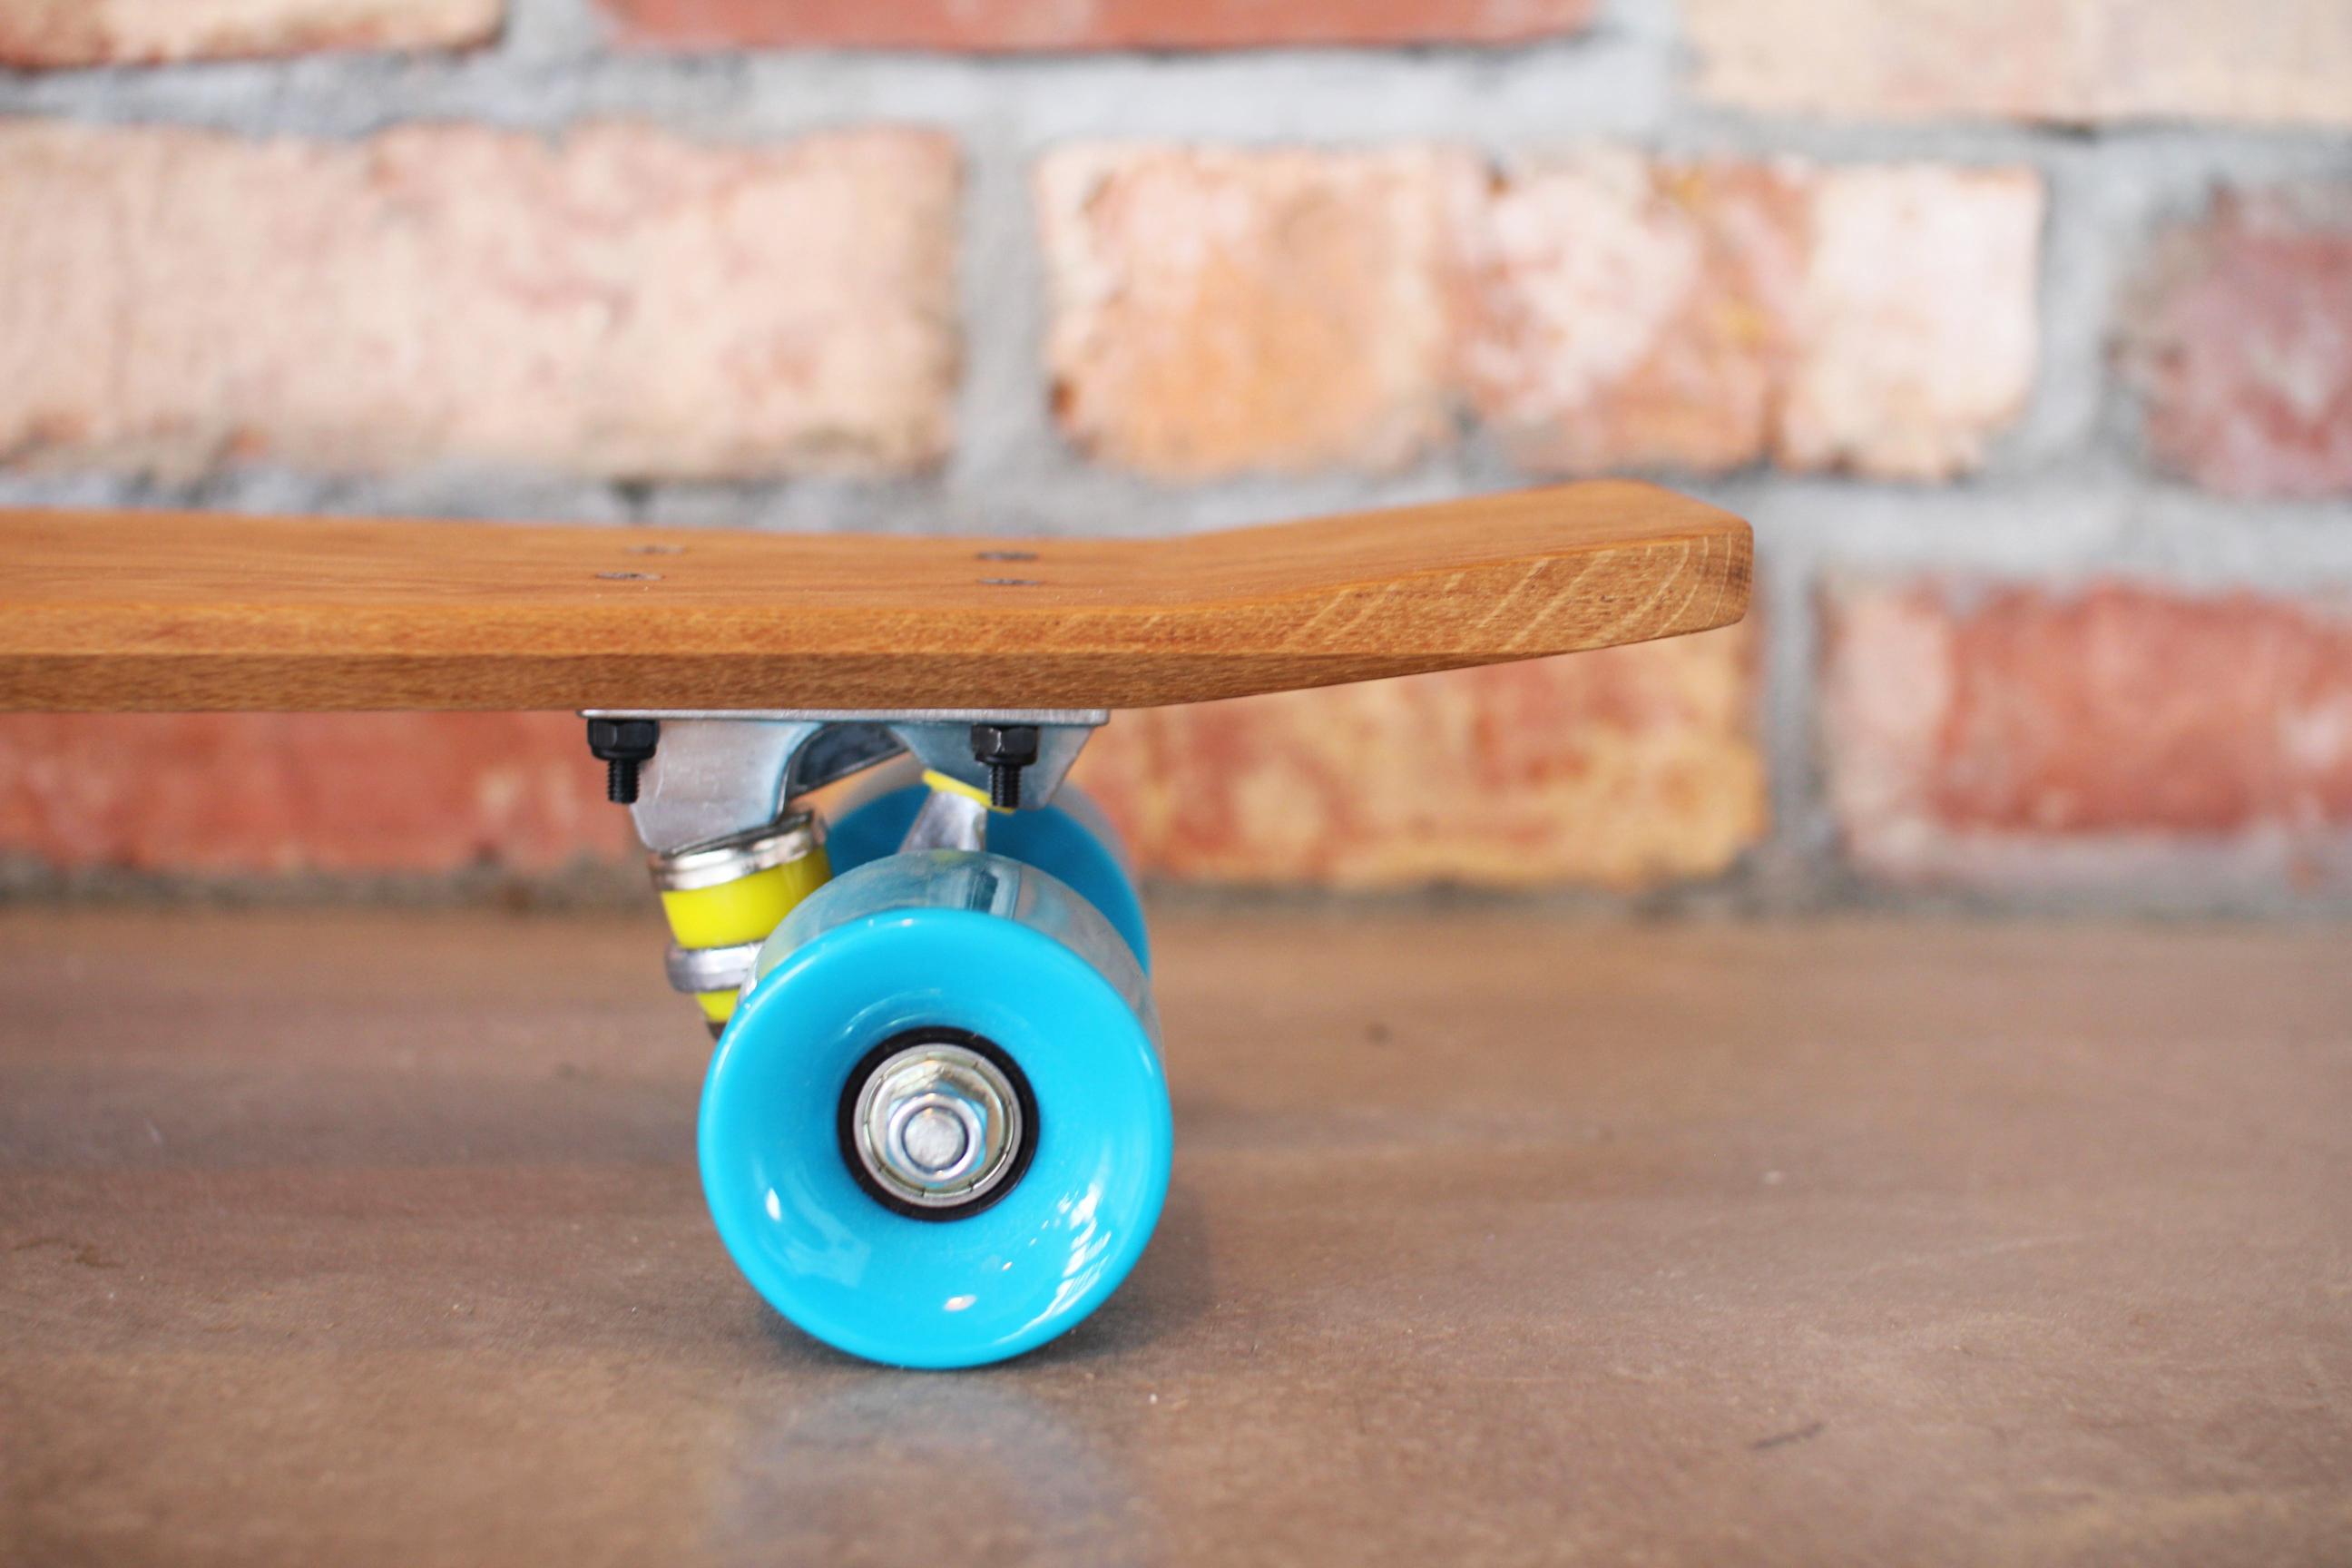 スケートボード,スケボー,無垢,滋賀